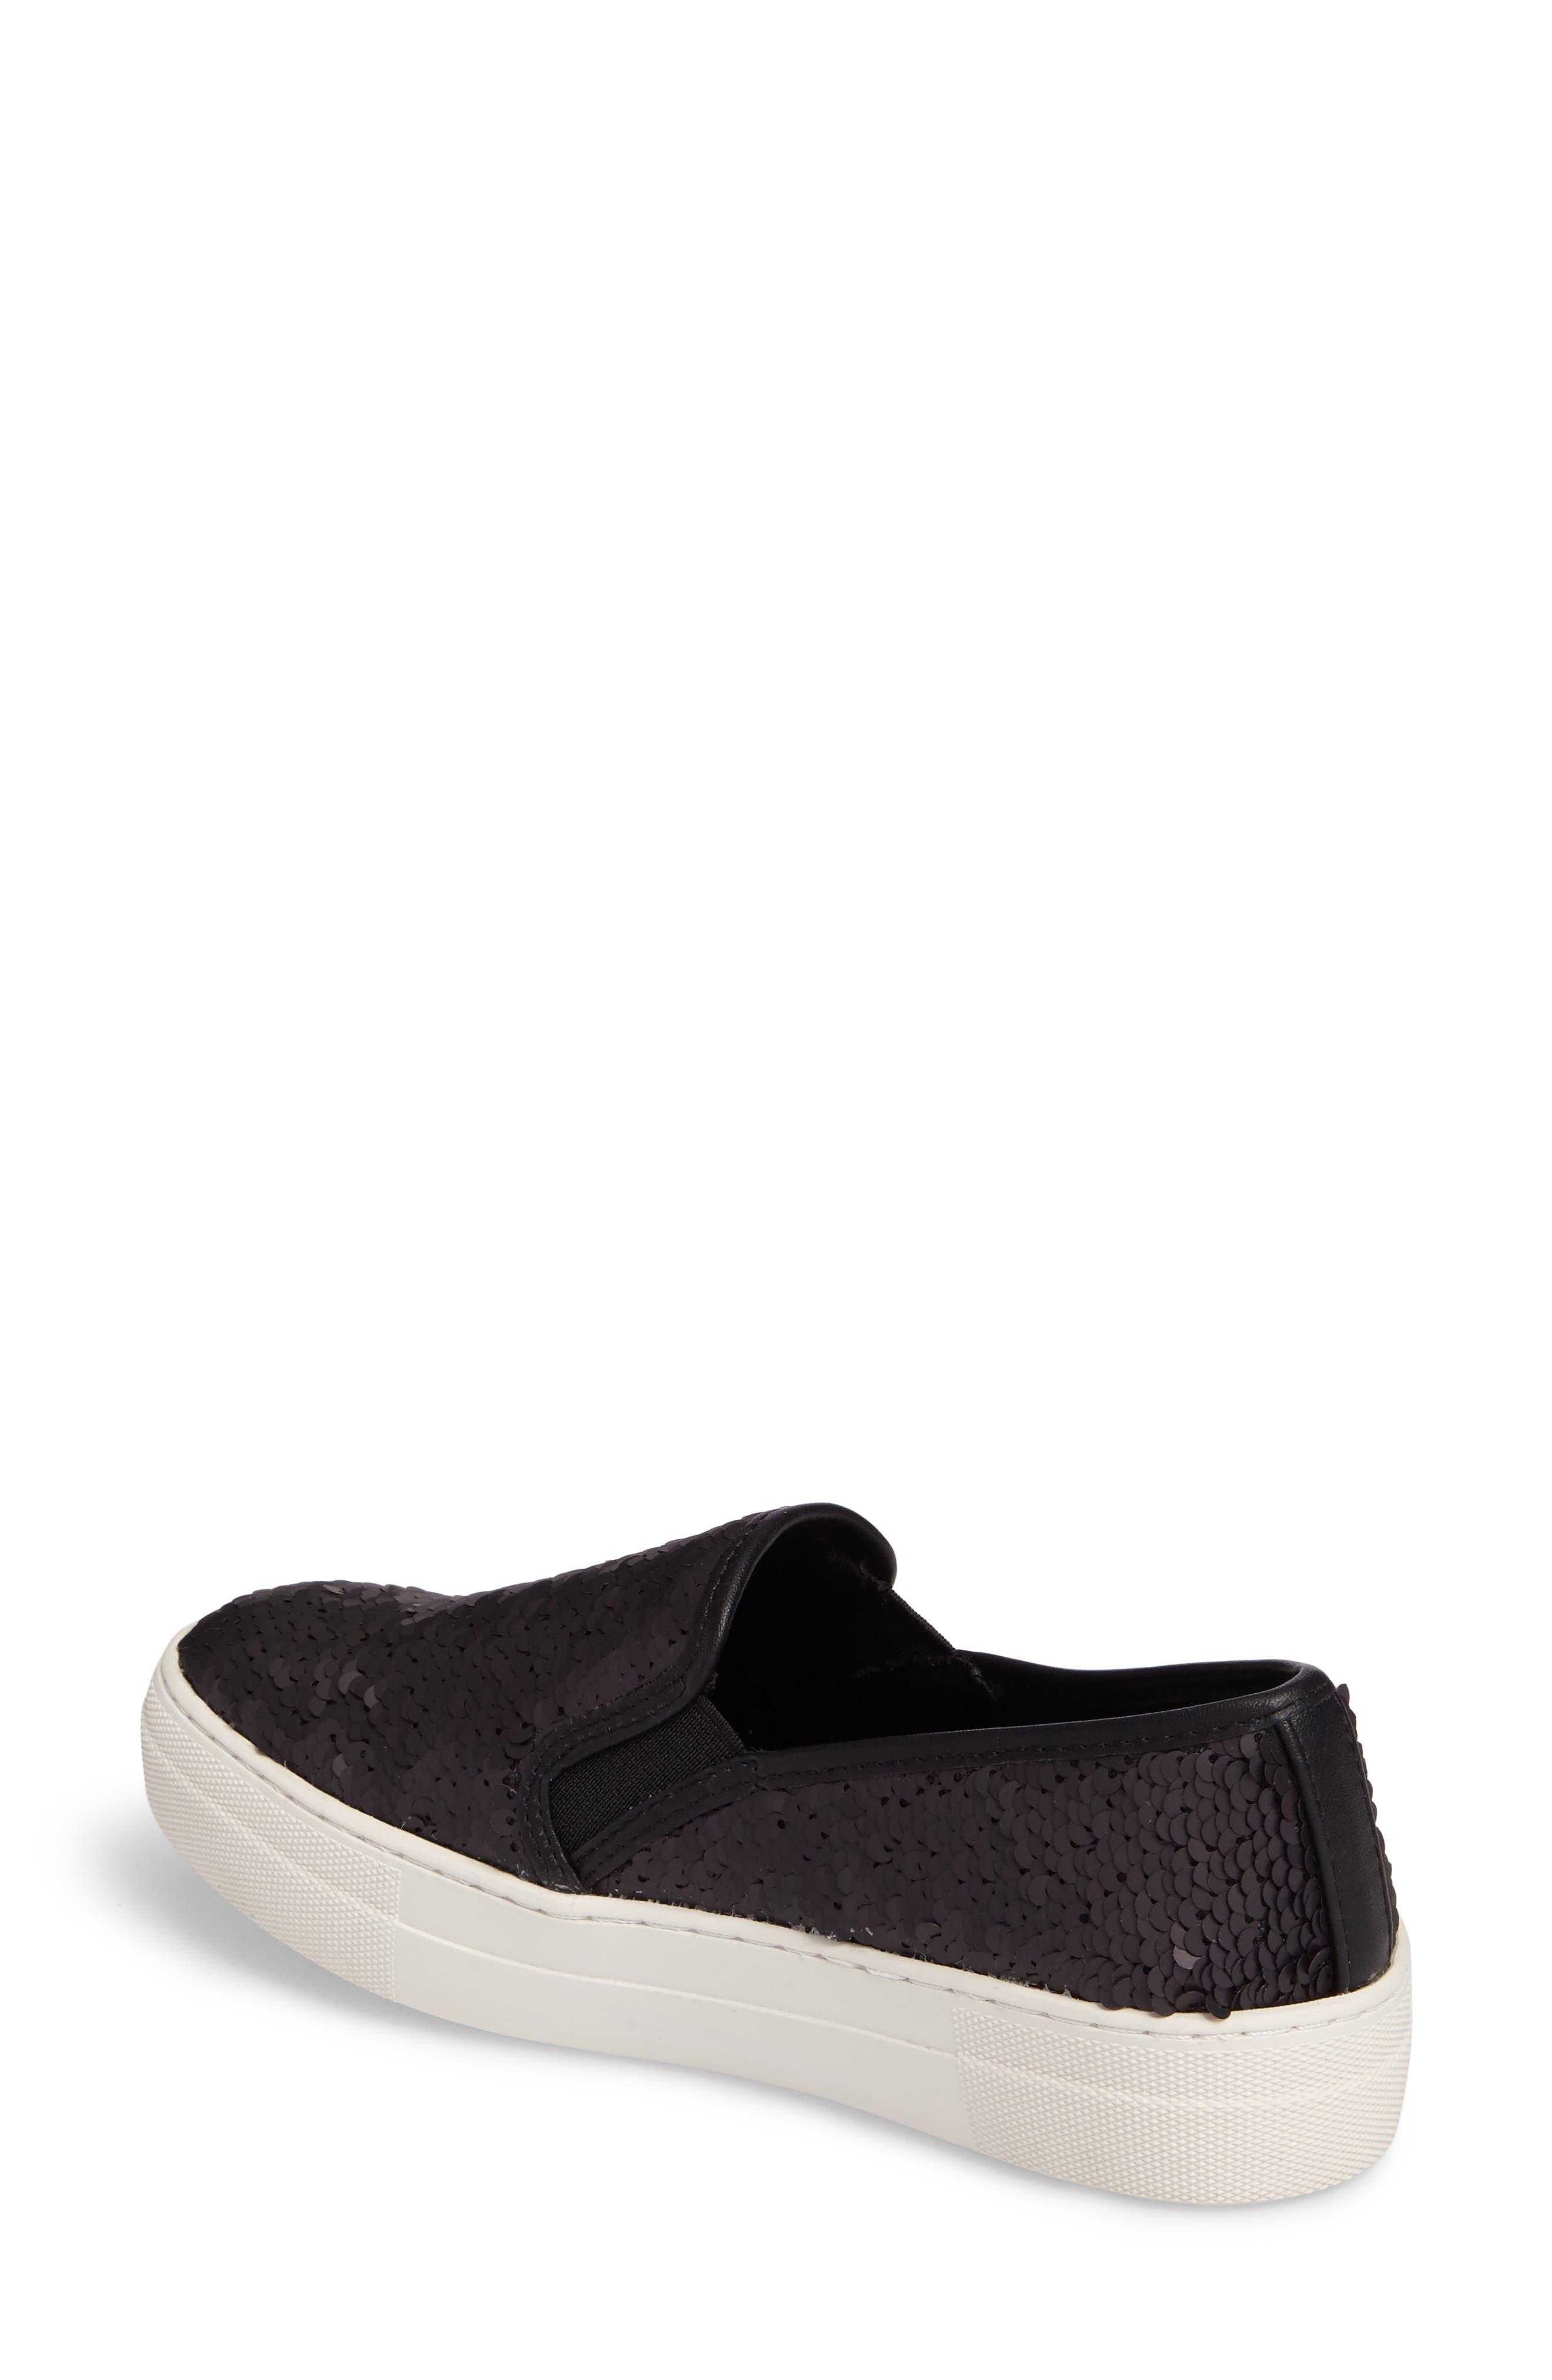 Alternate Image 2  - Steve Madden Gills Sequined Slip-On Platform Sneaker (Women)